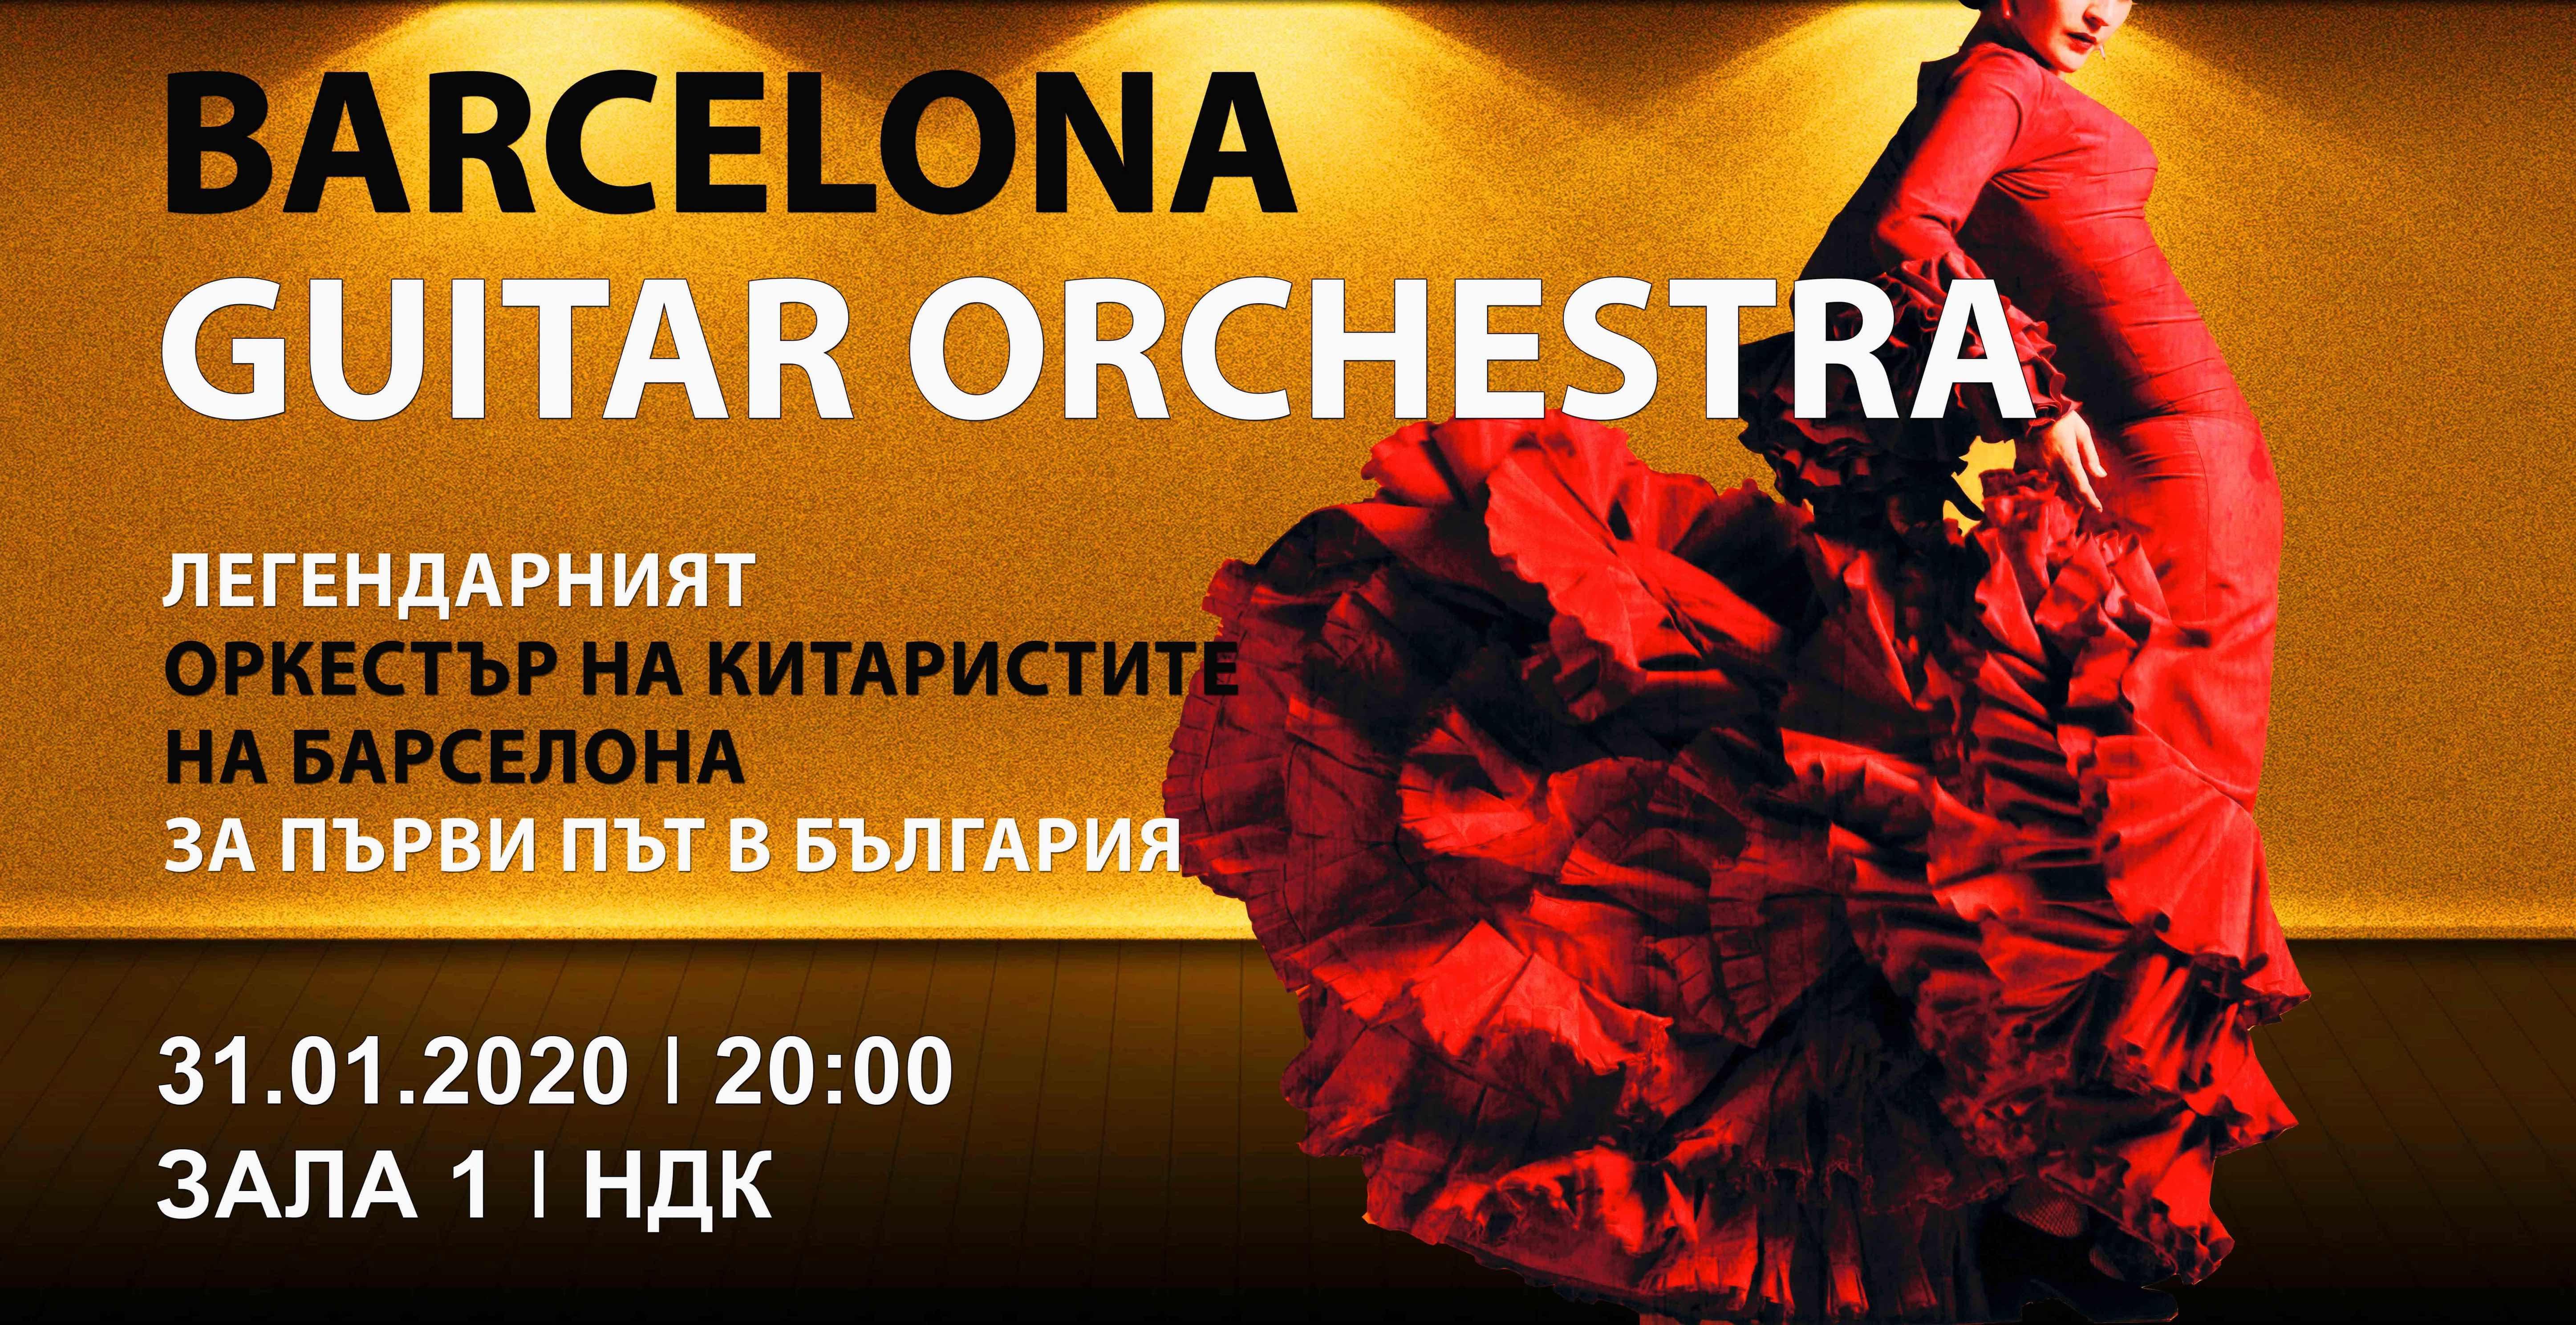 Barcelona Guitar Orchestra в България! Промоция на билети!